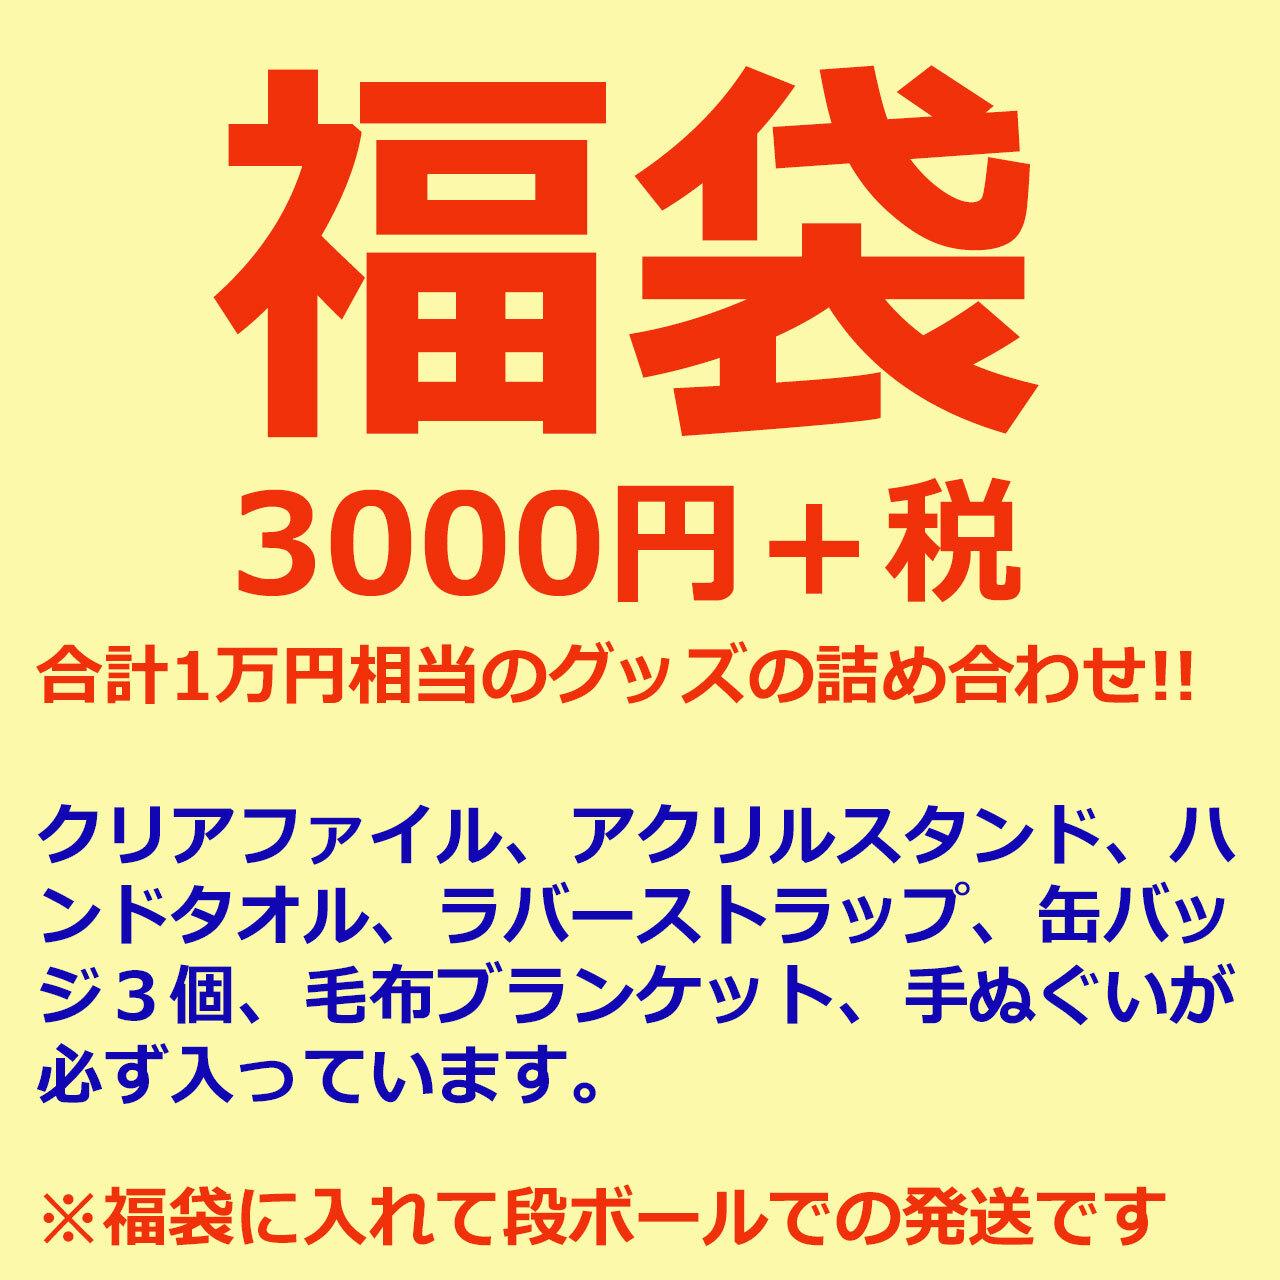 【3000円】アニメグッズ福袋 第二弾 男性向け